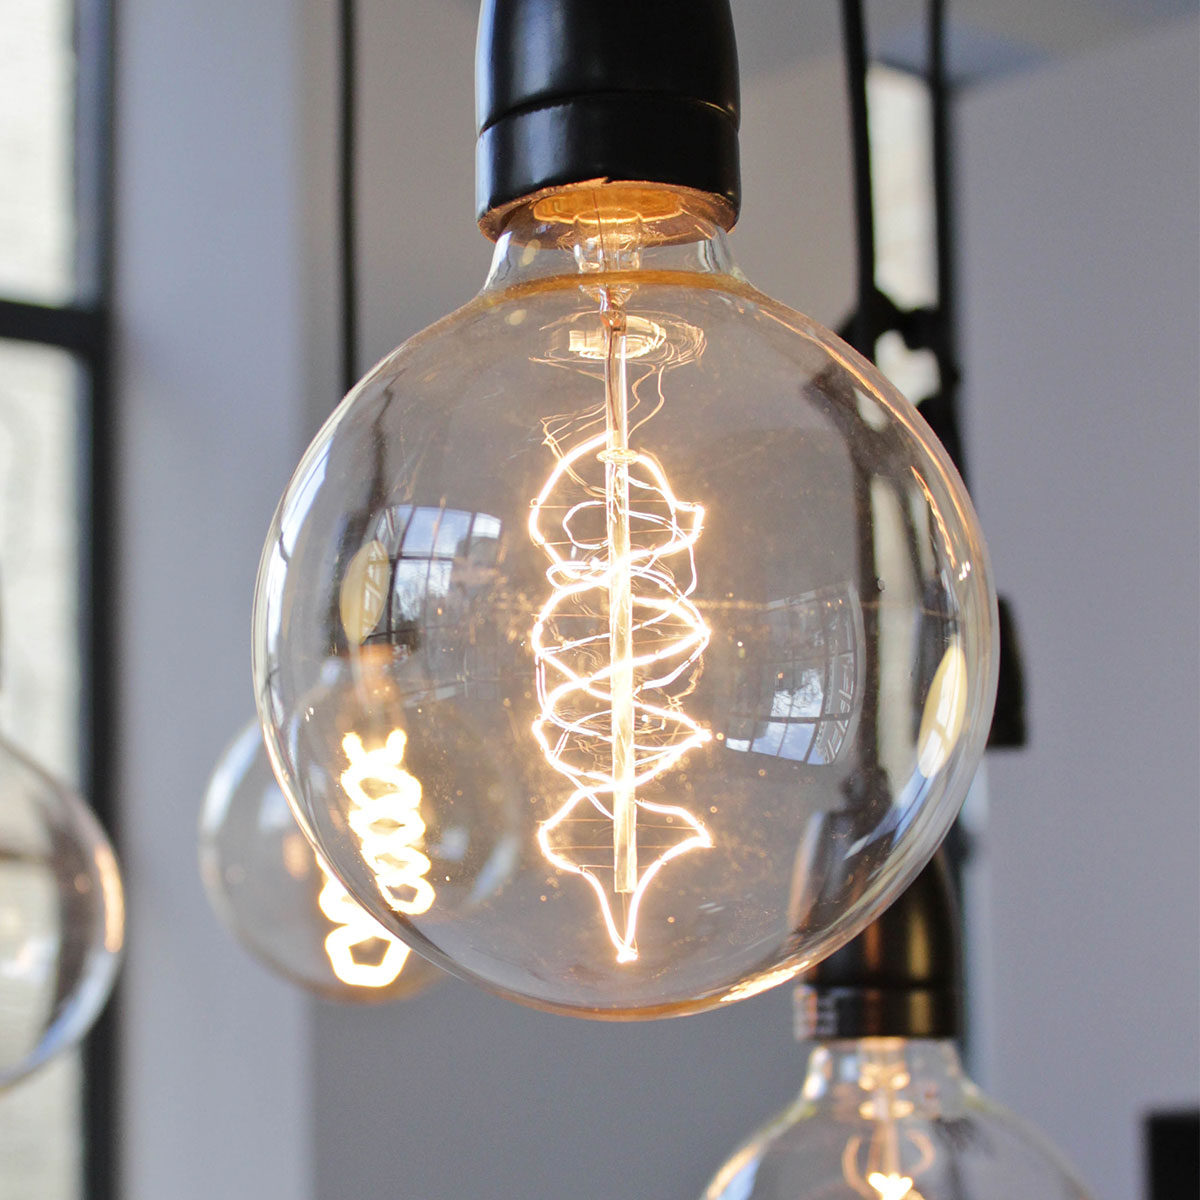 Ampoule filament led cool prix rduit ampoule flamme coup - Ampoule a filament ...